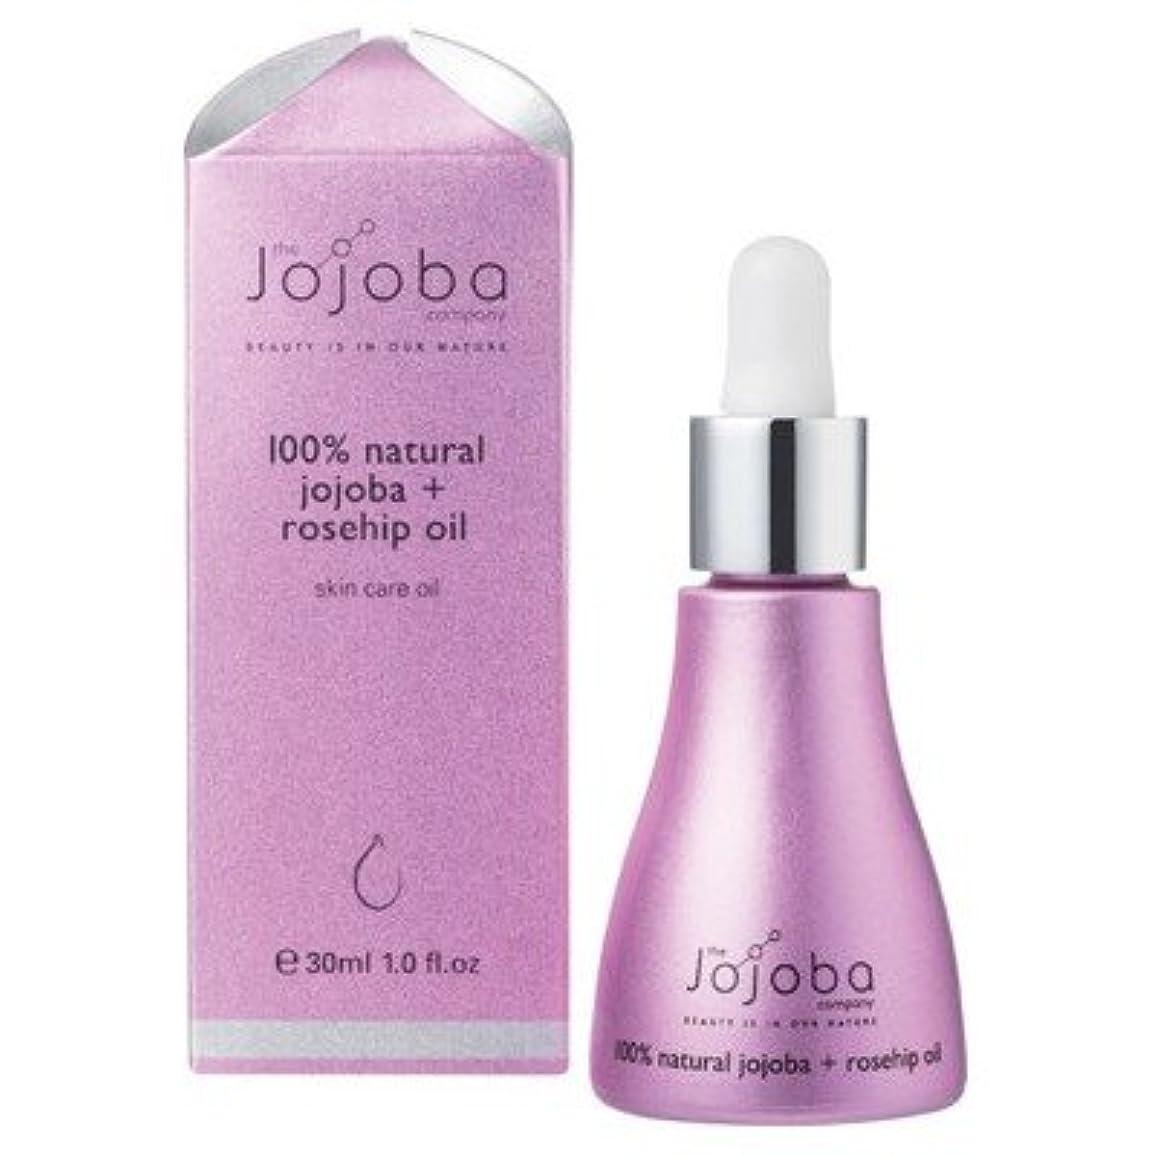 パン屋もう一度敬意the Jojoba Company 100% Natural Australian Jojoba Oil + Rosehip Oil ホホバ&ローズヒップブレンドオイル 30ml [海外直送品]